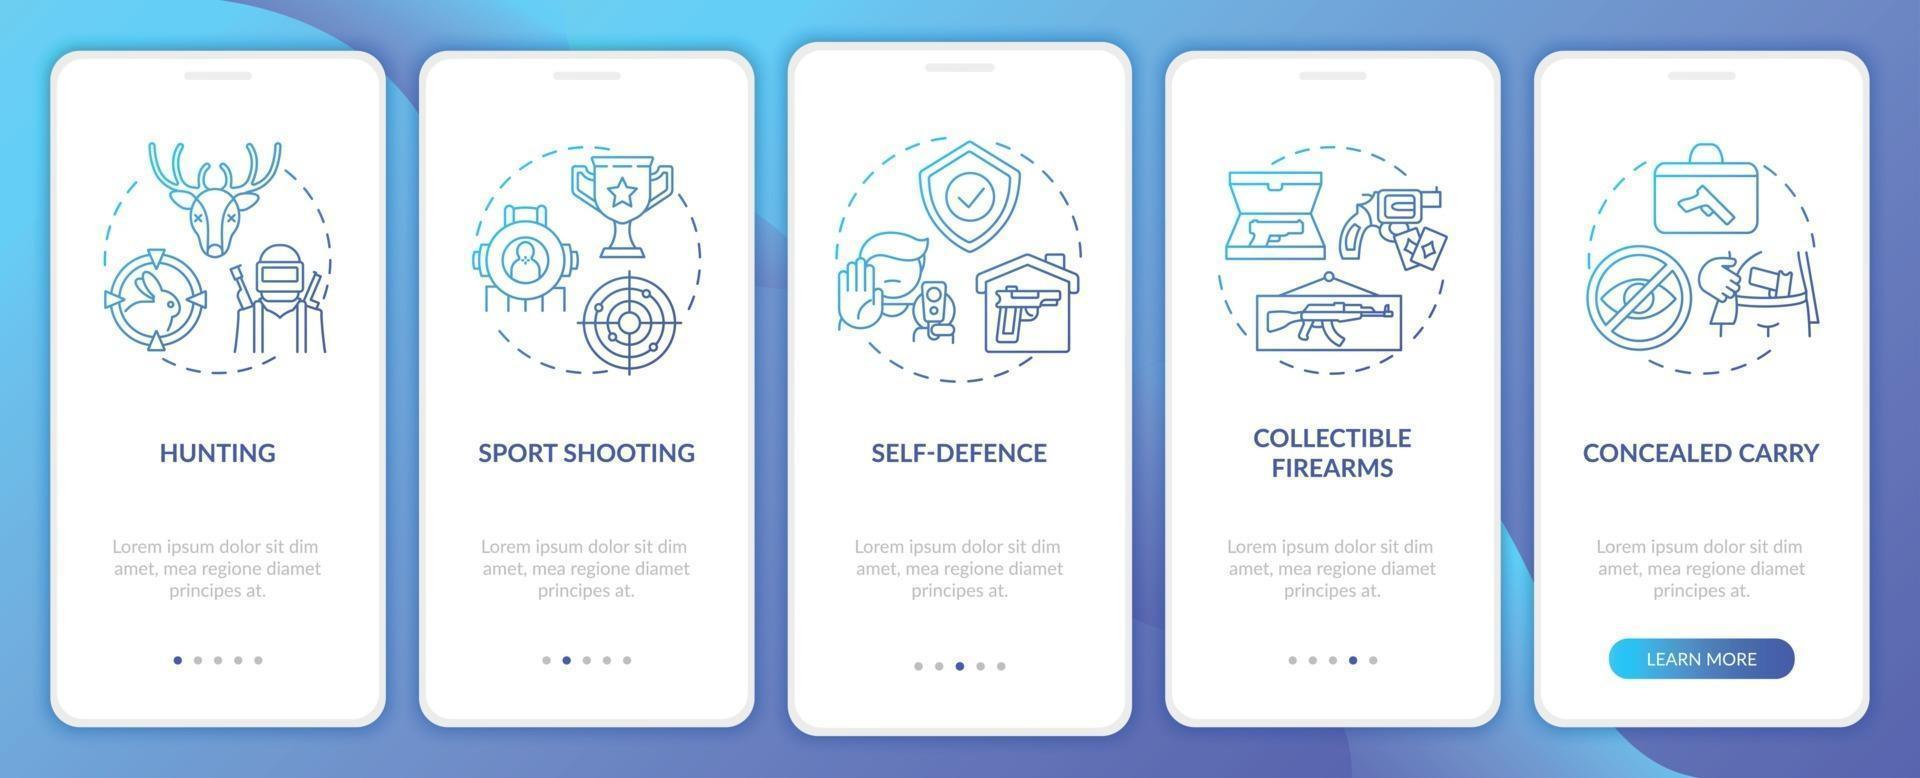 armas para passatempo azul escuro integração tela da página do aplicativo móvel com conceitos vetor